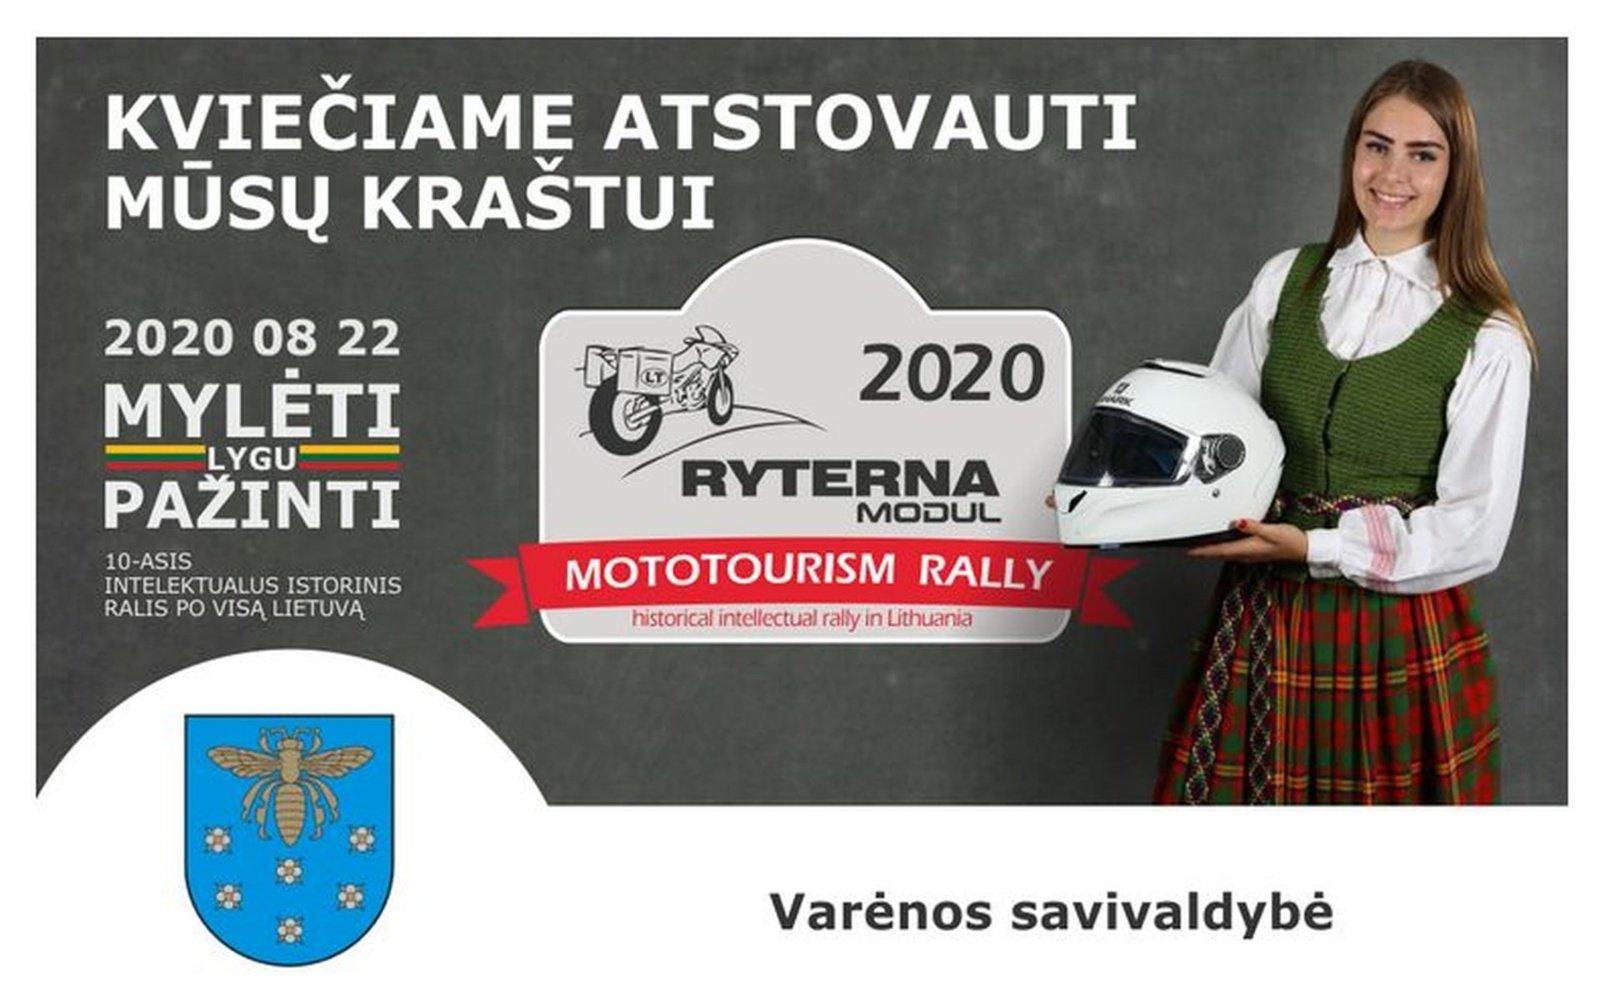 Kviečia į 10-ąjį intelektualų istorinį ralį po visą Lietuvą